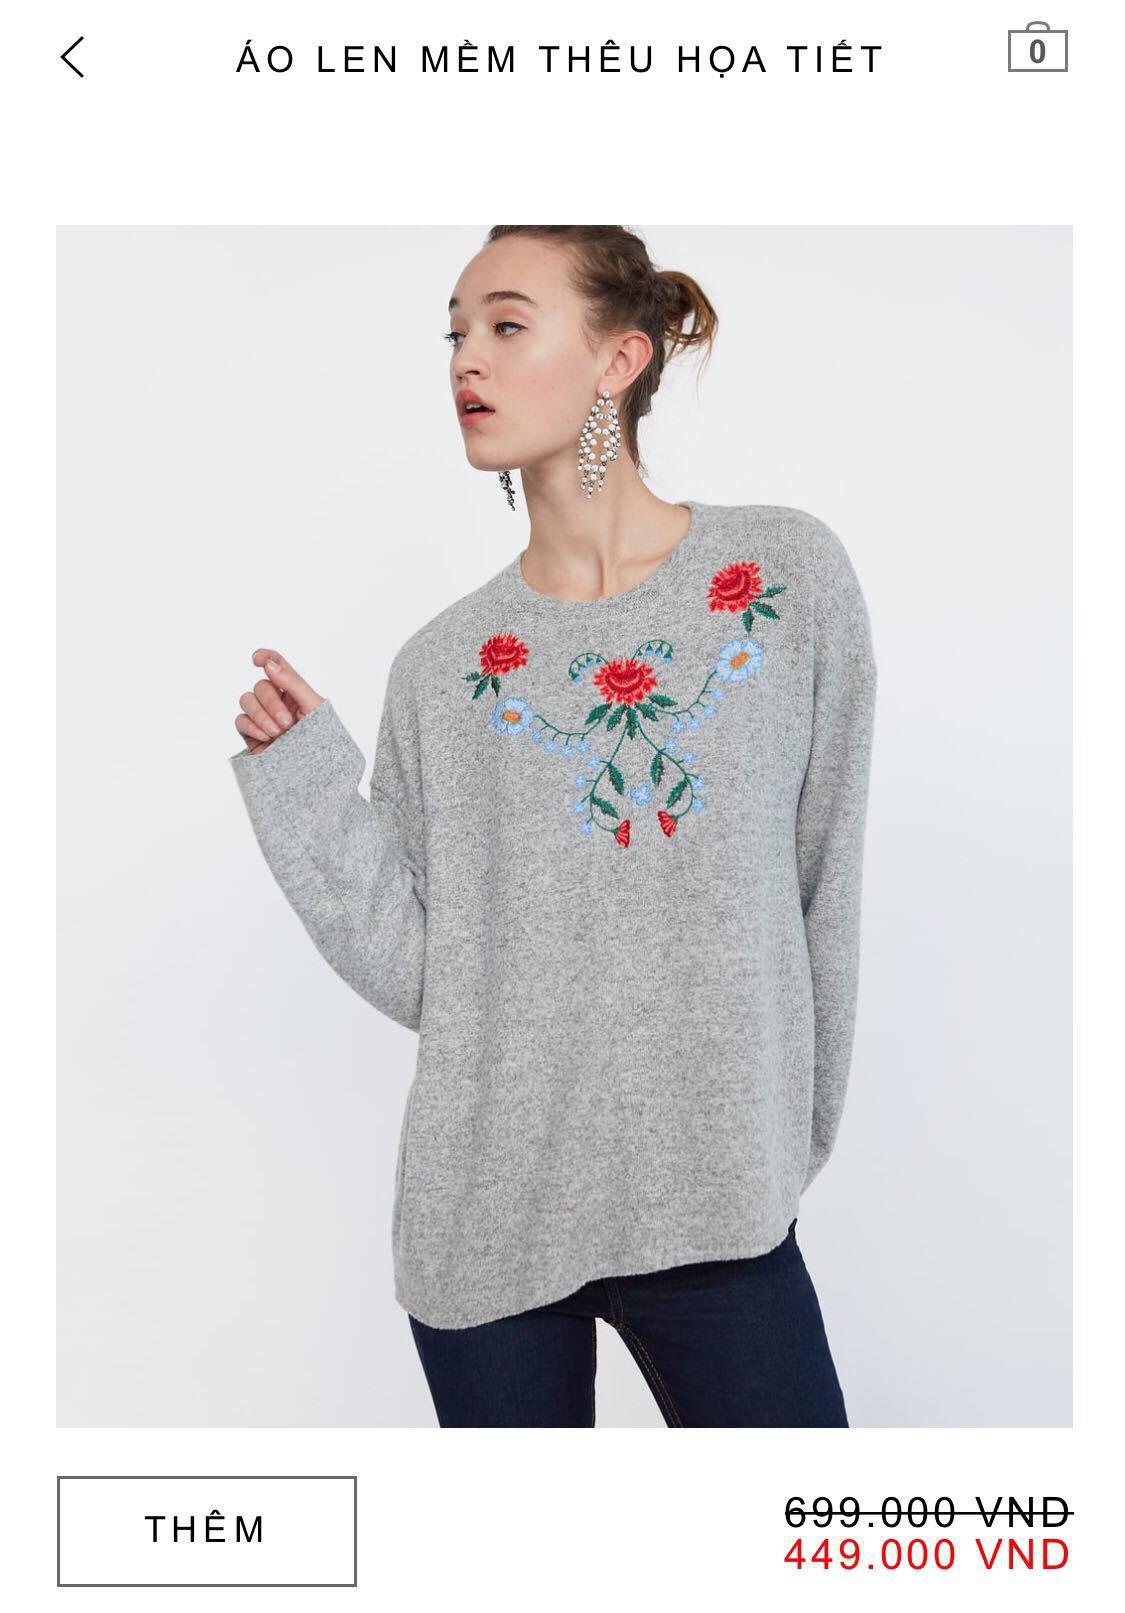 14 mẫu áo len, áo nỉ dưới 500.000 VNĐ xinh xắn, trendy đáng sắm nhất đợt sale này của Zara - Ảnh 3.